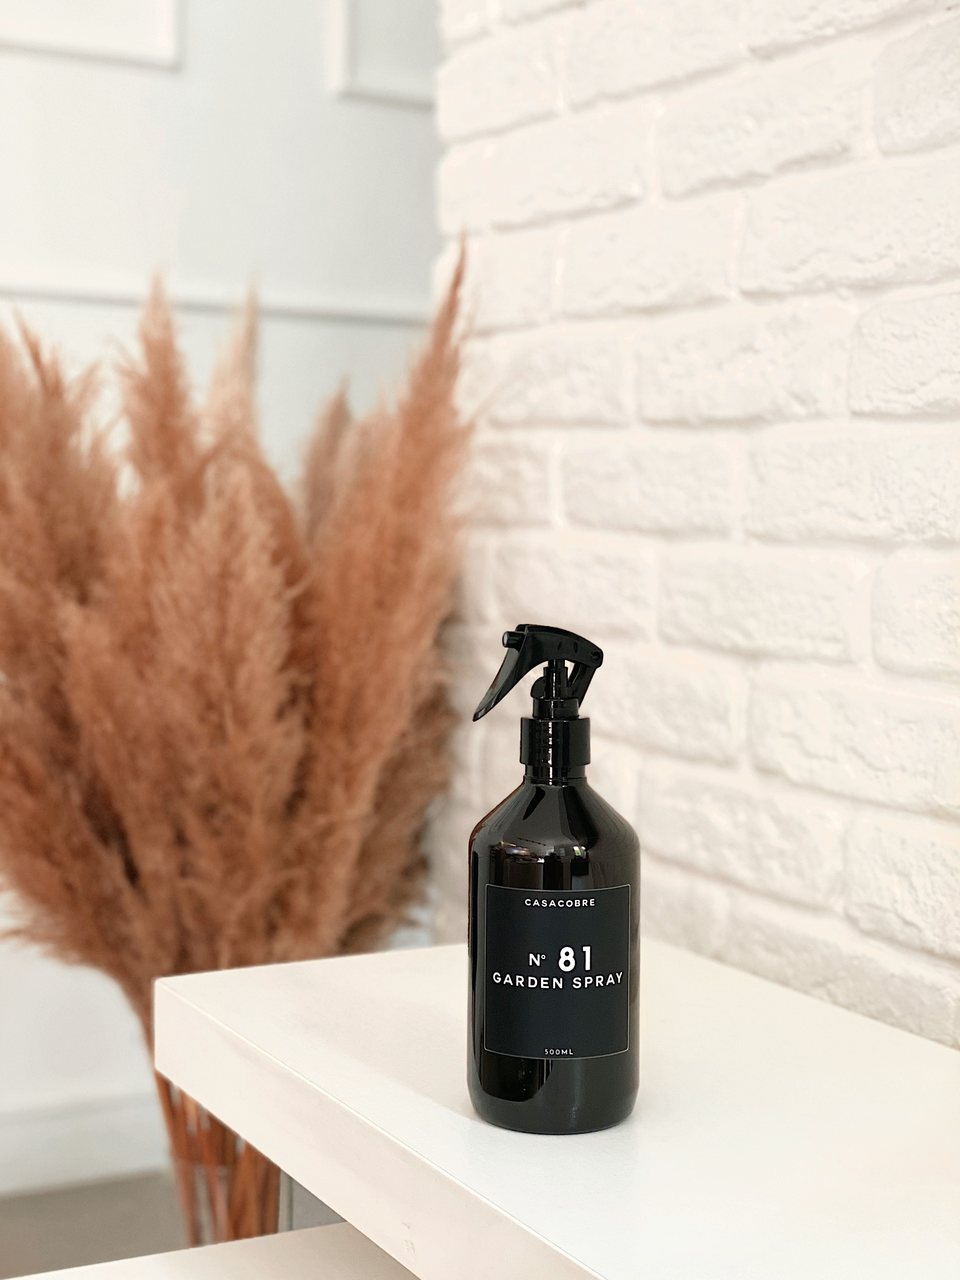 Frasco Black Garden Spray - 500ml  - CASACOBRE